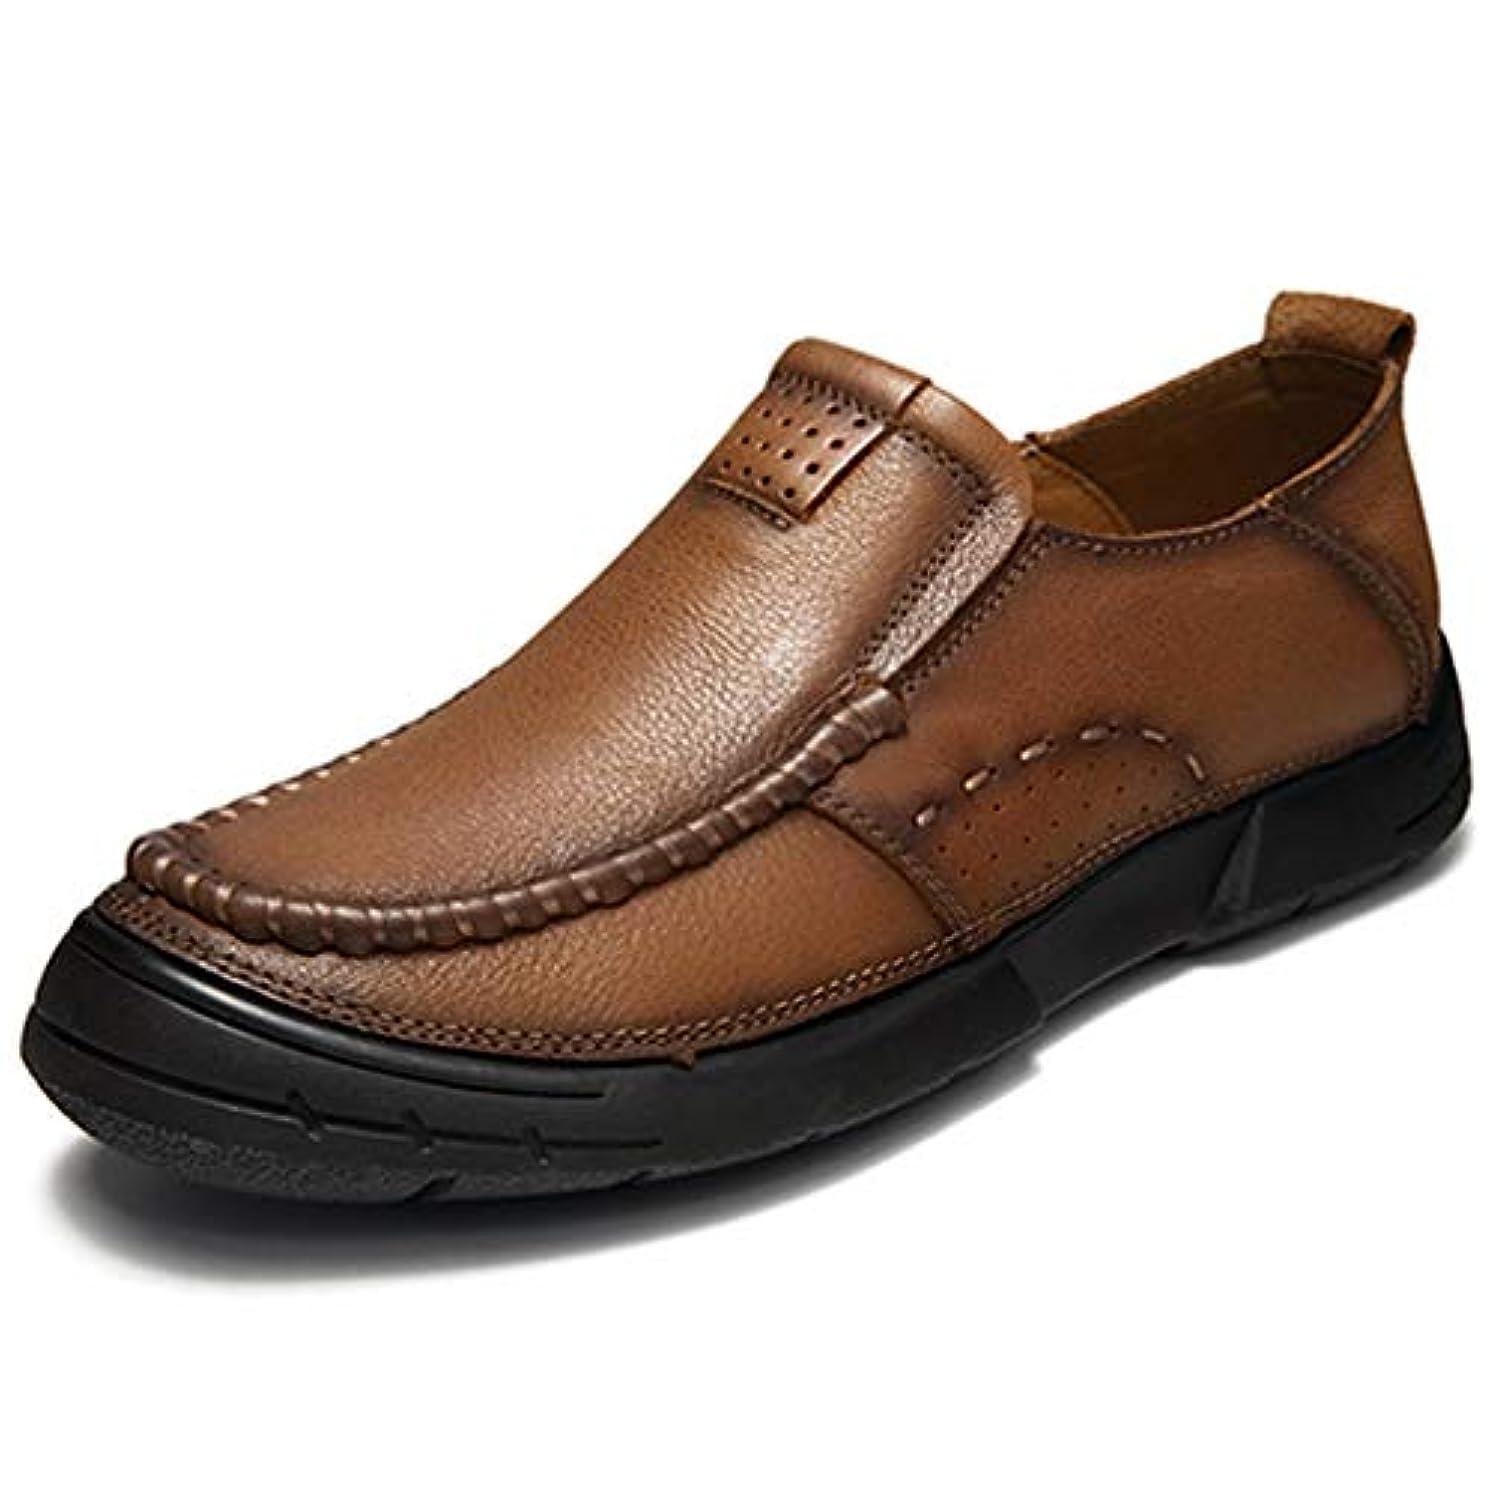 パネル近々通行人ウォーキングシューズ ビジネスシューズ メンズ 超軽量 3E 4E 幅広 クッション性 本革 革靴 靴 ビジネス スリッポン 通気性 蒸れない カジュアル 歩きやすい 24 24.5 25 25.5 26 26.5 27